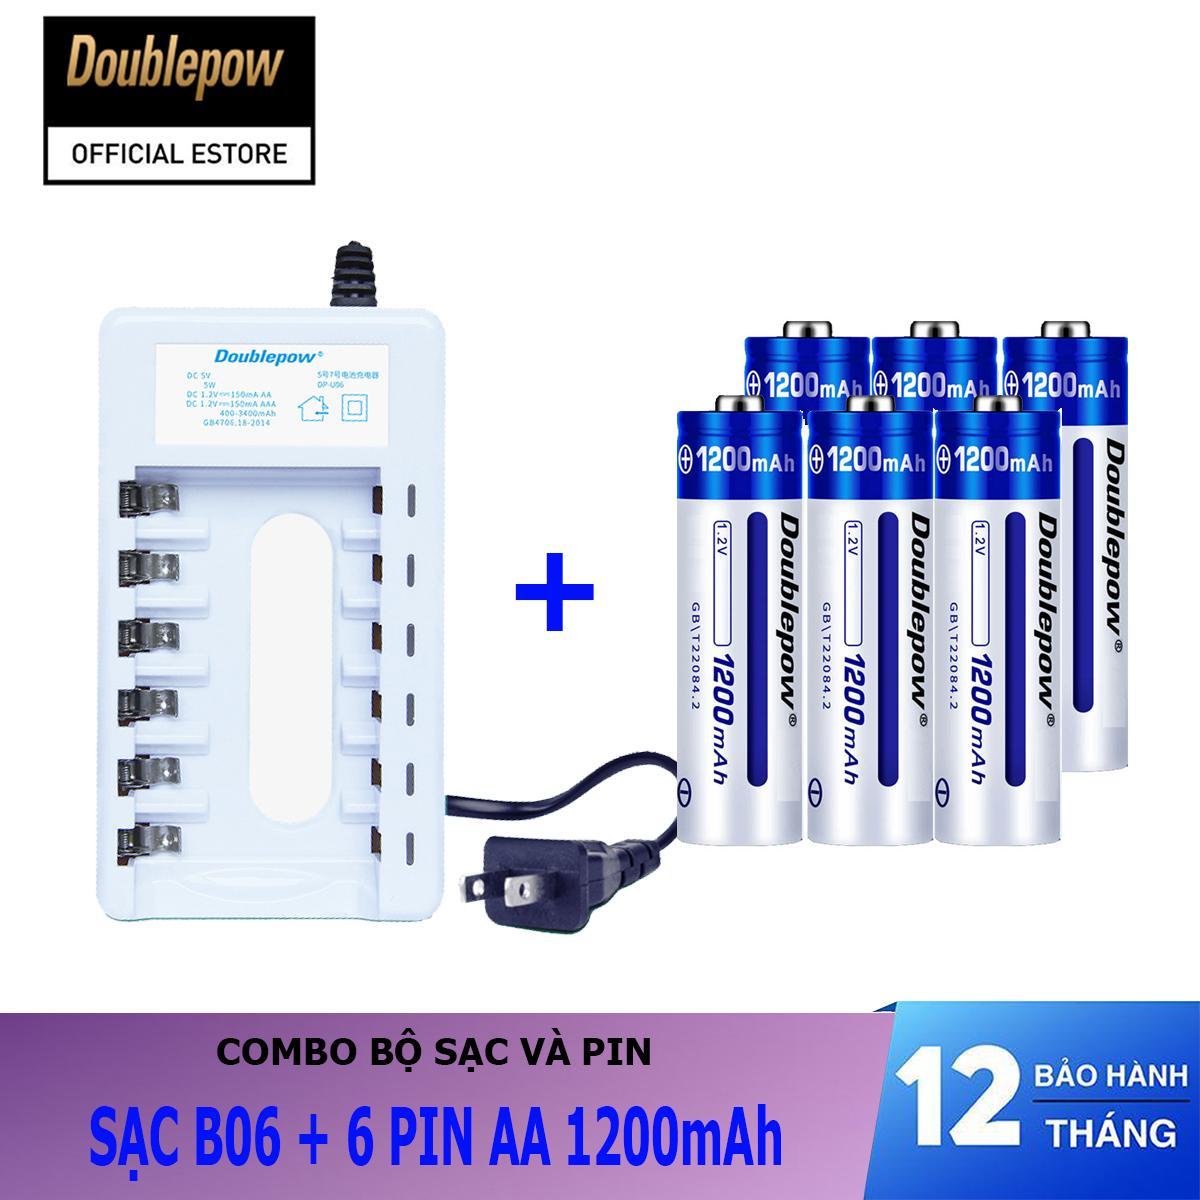 Giá Combo sạc pin 6 cổng B06 và 06 viên pin sạc AA 1200mAh - Doublepow